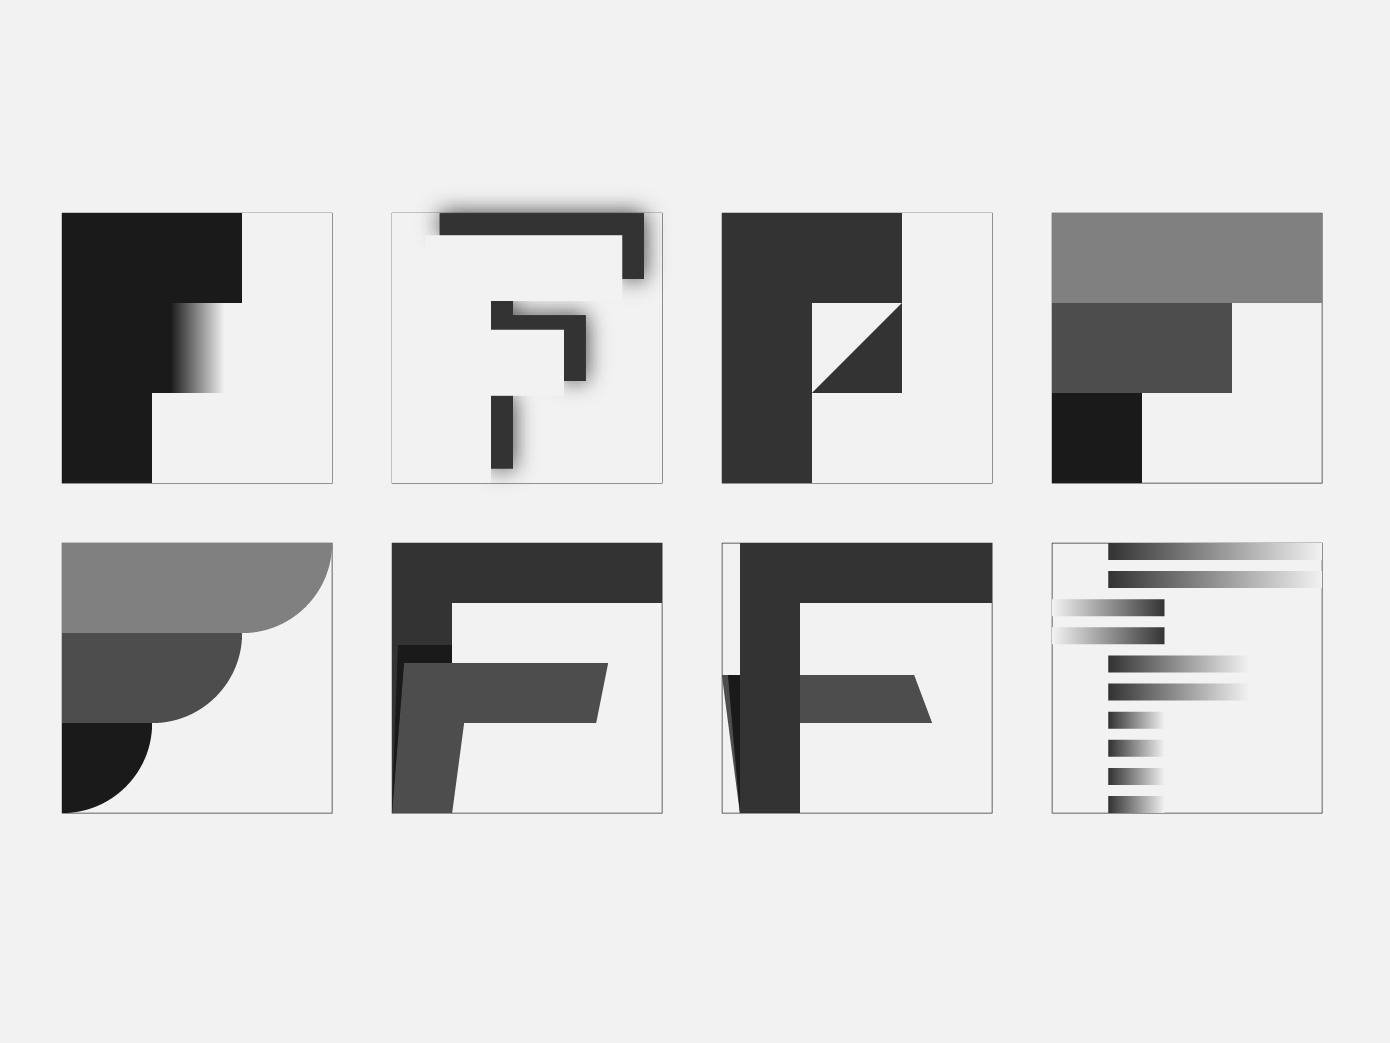 Lettermark F letter f branding lettering logo letter vector lettering challenge lettering logo illustration lettermarkexploration lettermark graphic design graphicdesign